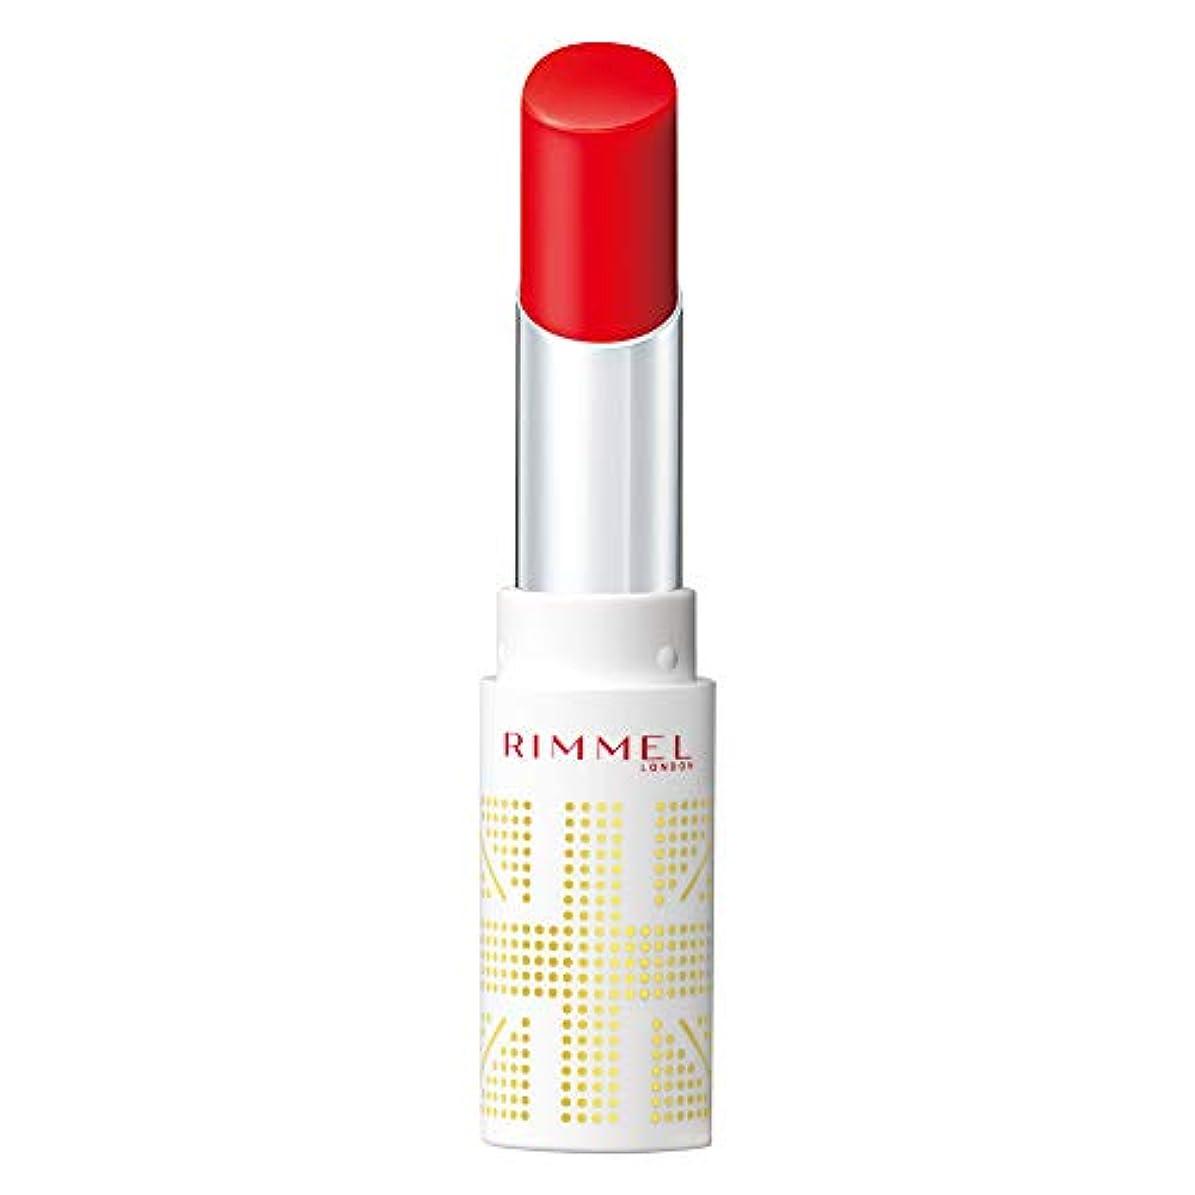 物足りない面倒出席するRimmel (リンメル) リンメル ラスティングフィニッシュ オイルティントリップ 002 マンダリンレッド 3.8g 口紅